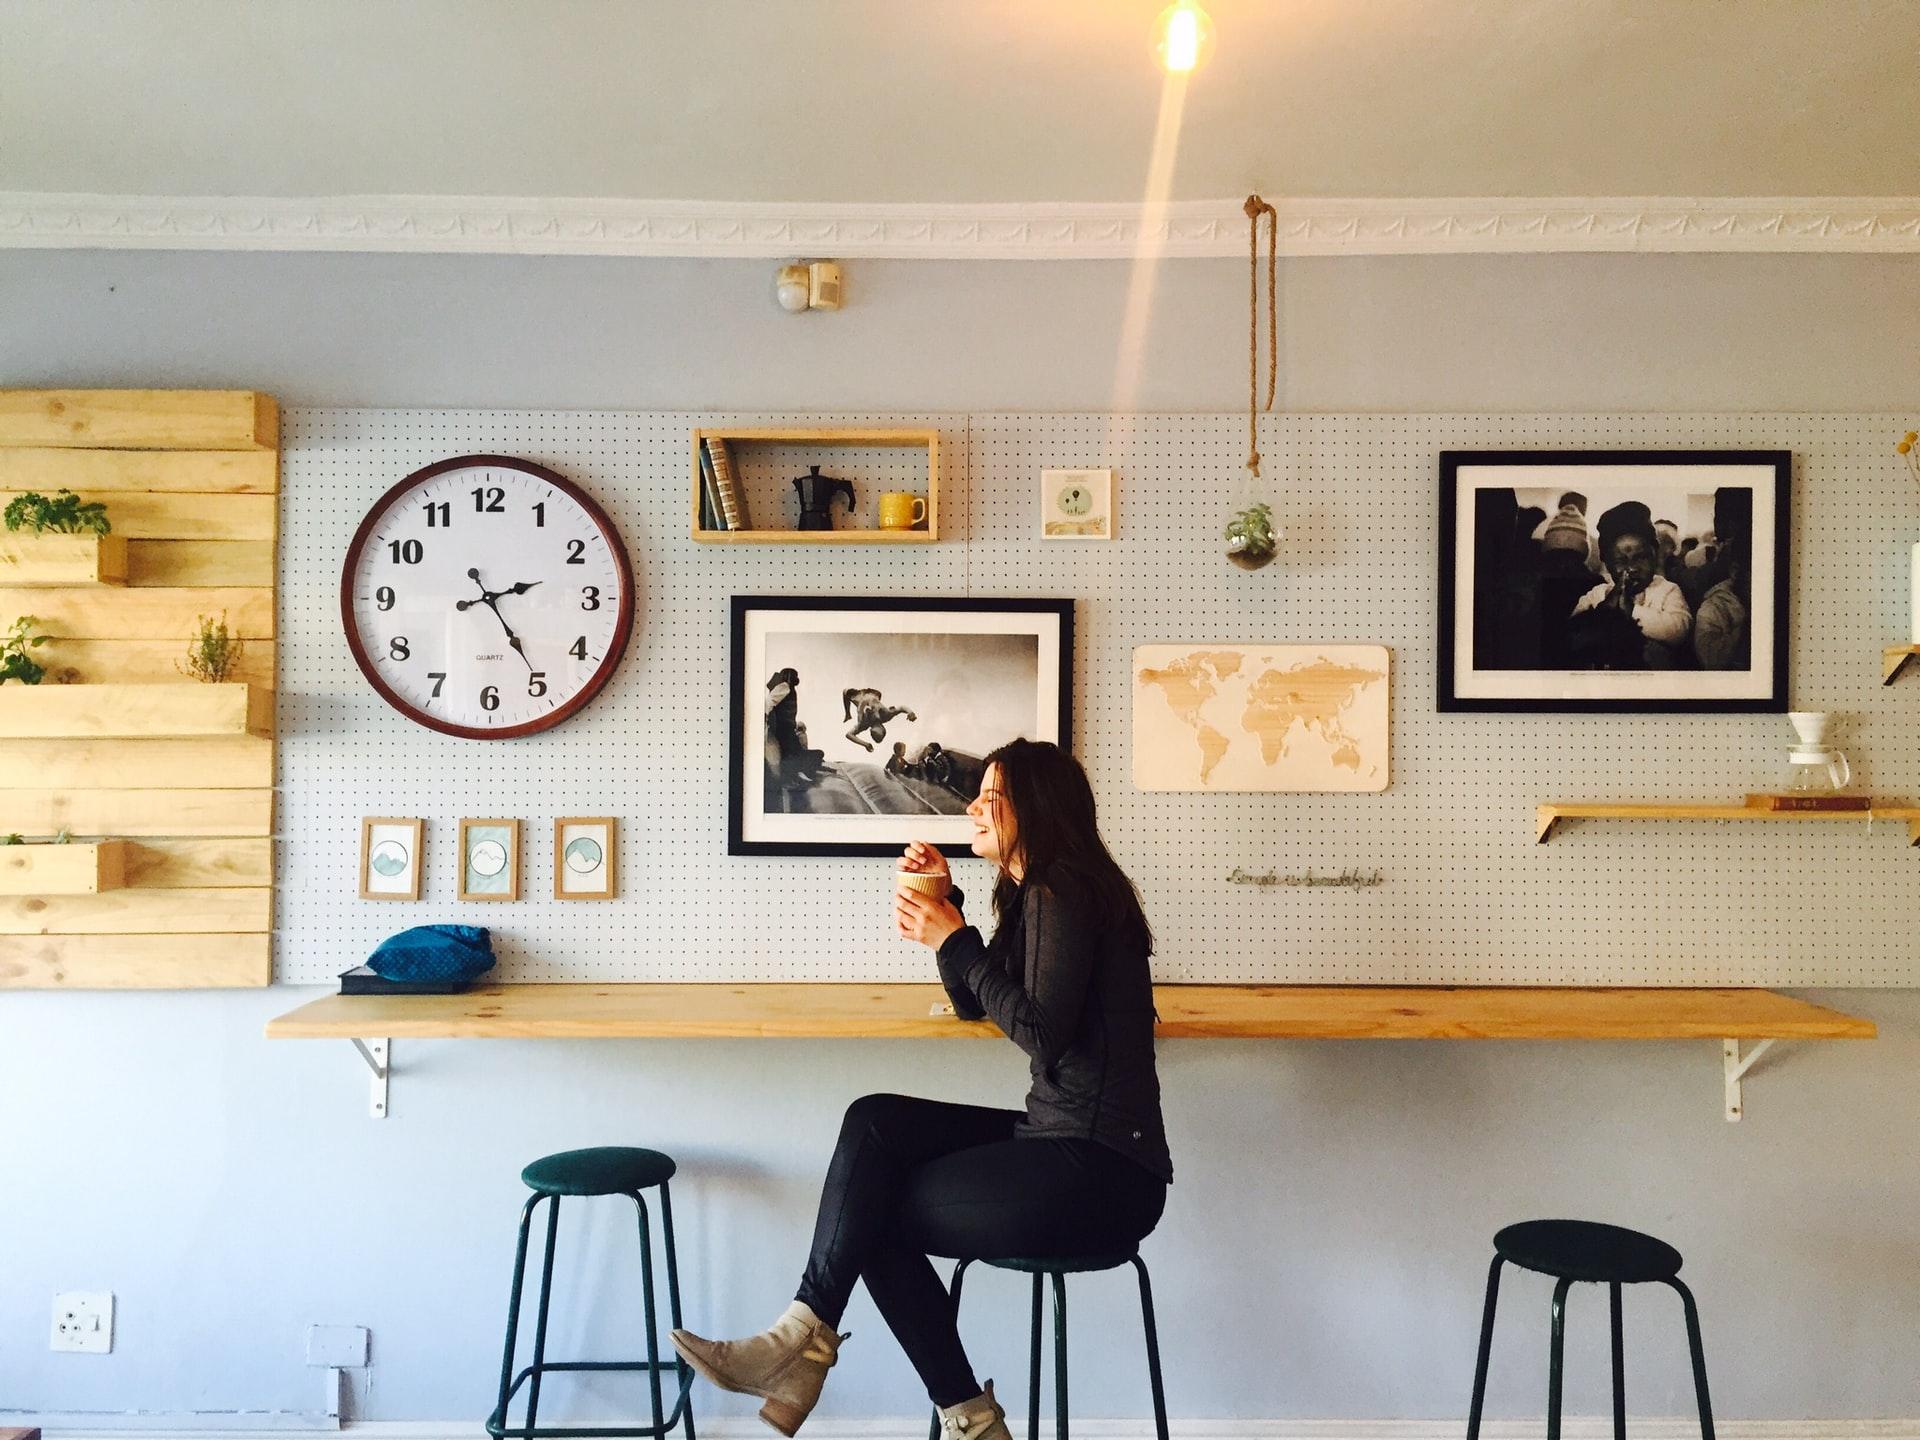 Nişantaşı'ndaki En Güzel Kafeler - CoffeeDepartment